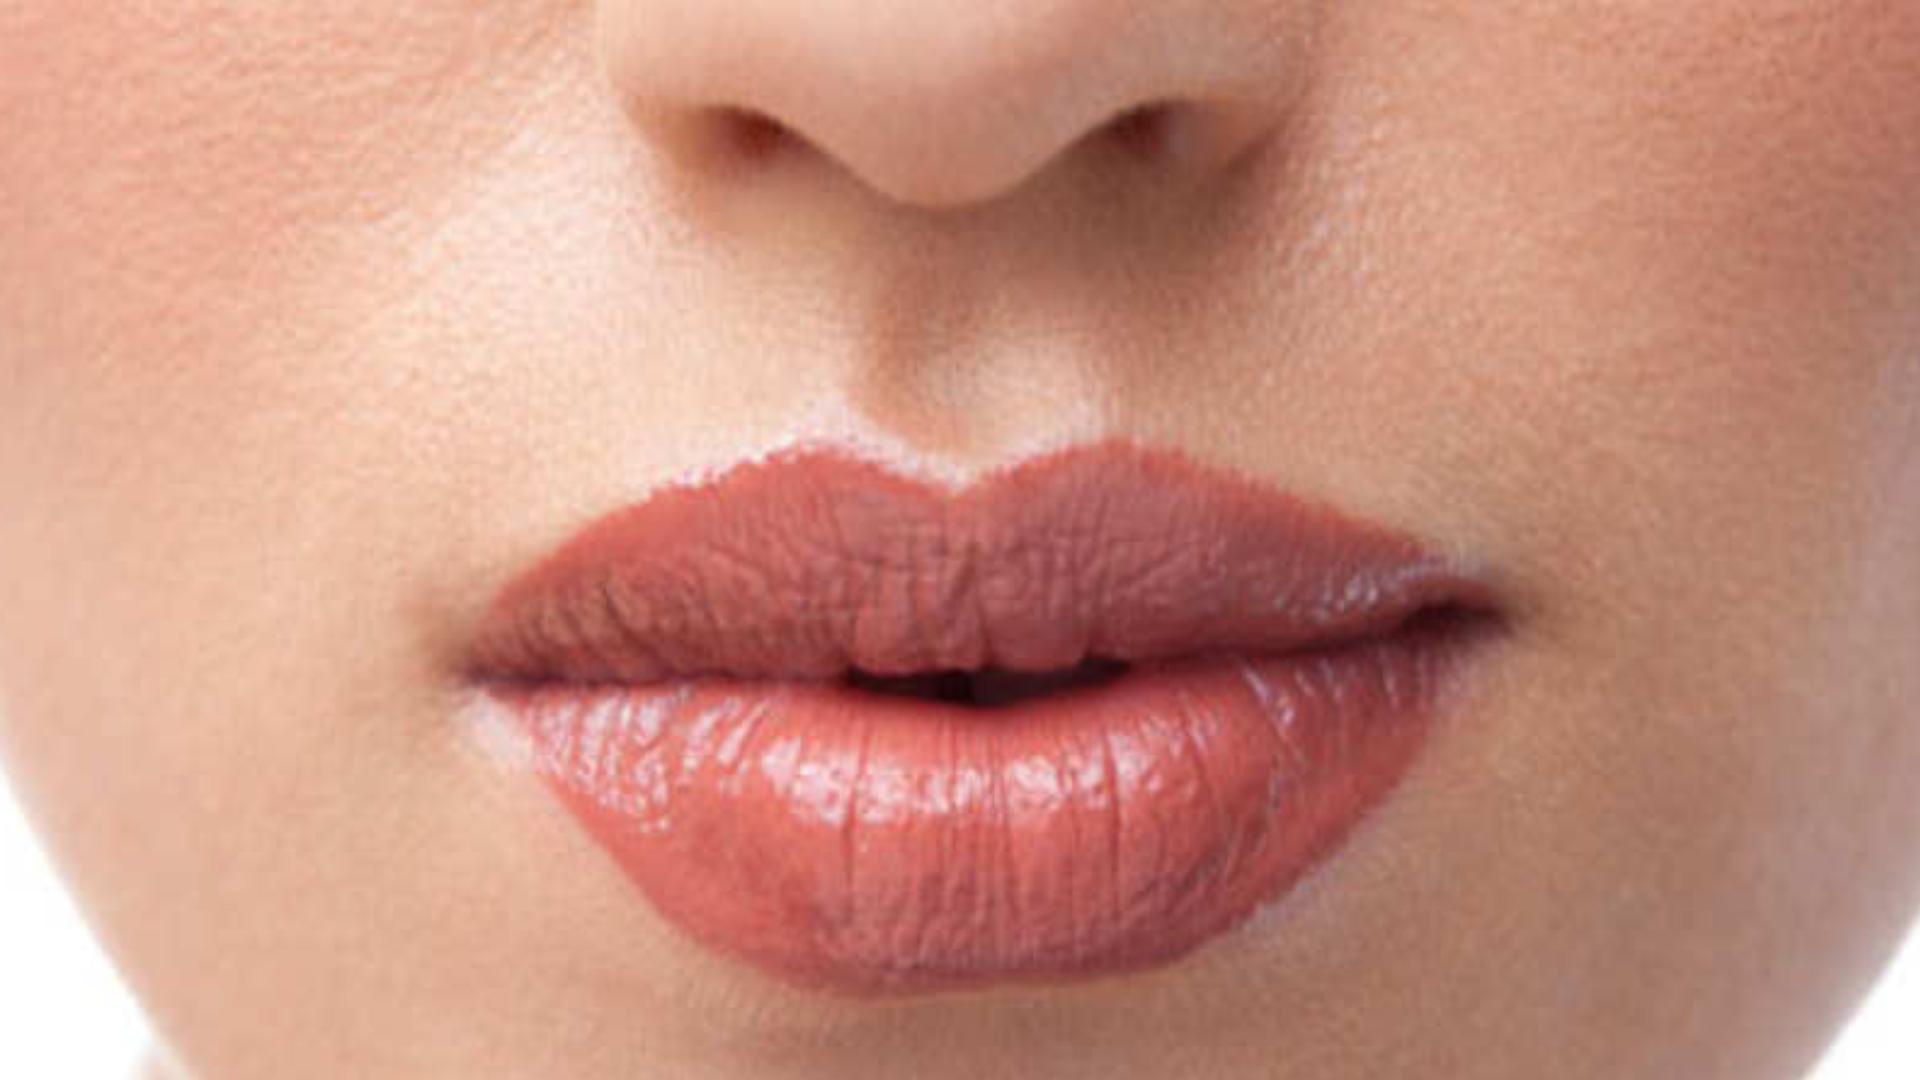 Beauty Tips: डार्क अपर लिप्स से हैं परेशान, तो इन 5 आसान घरेलू नुस्खों की लें मदद